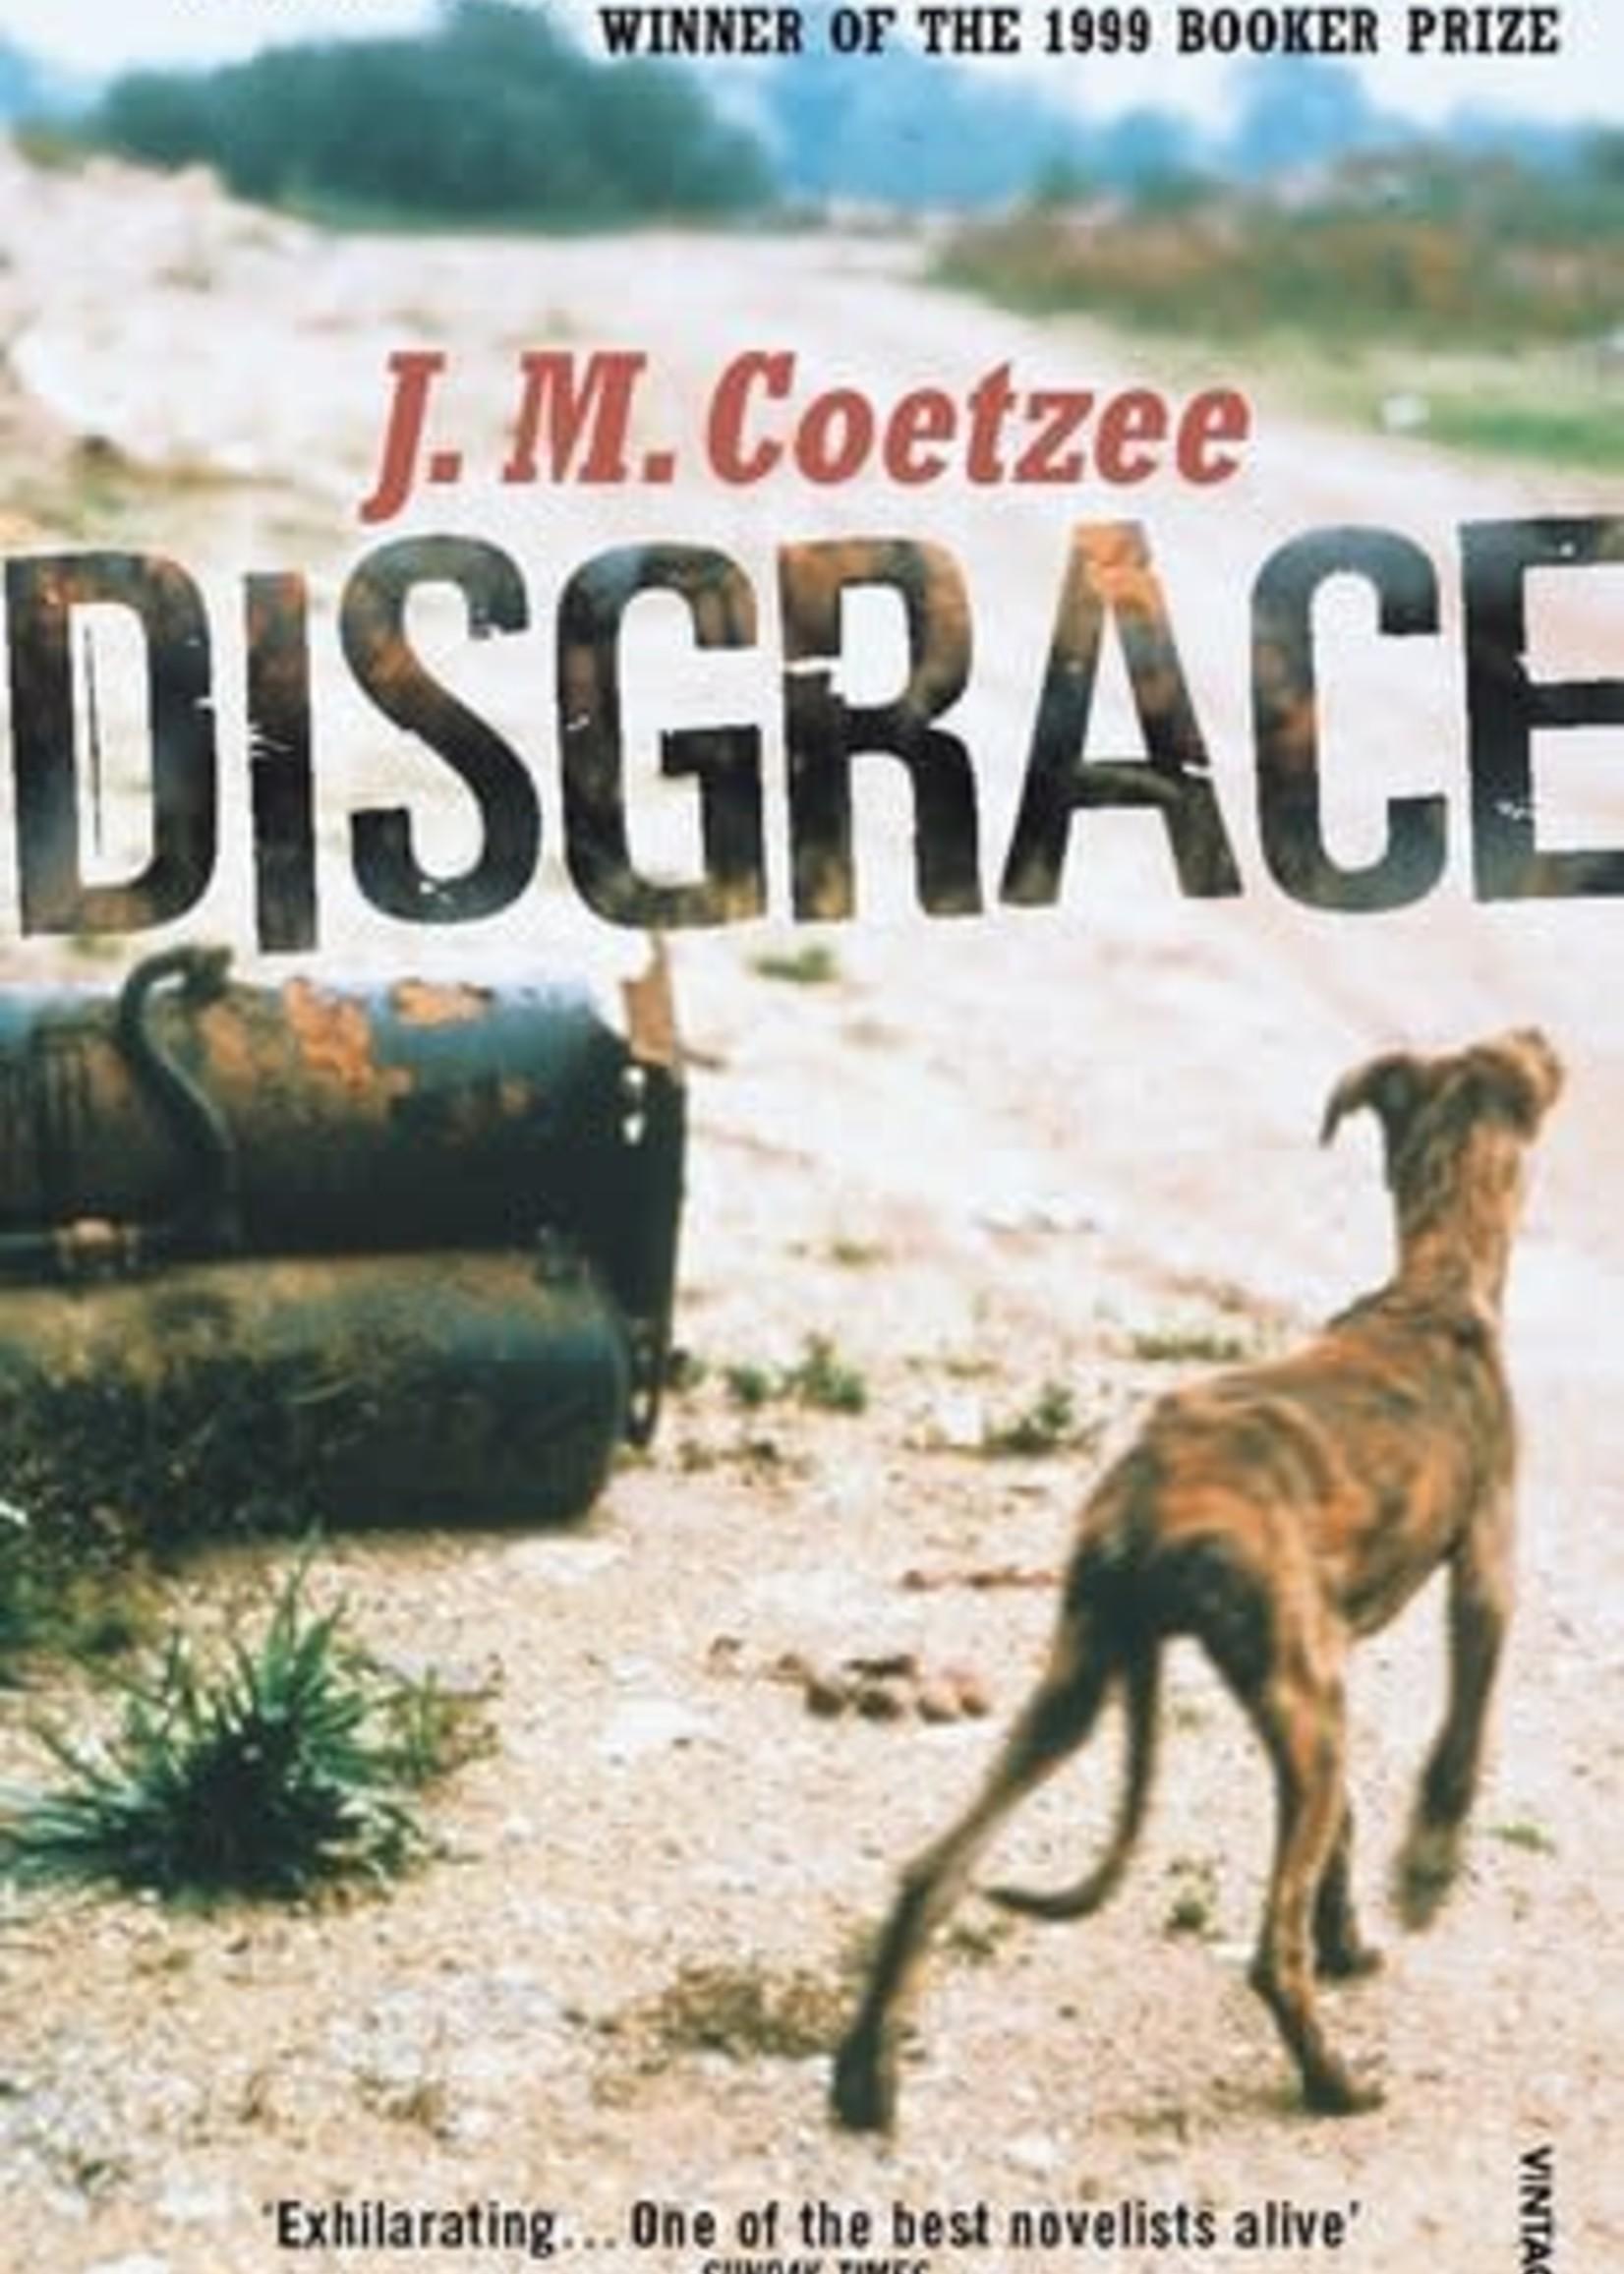 USED - Disgrace by J.M. Coetzee